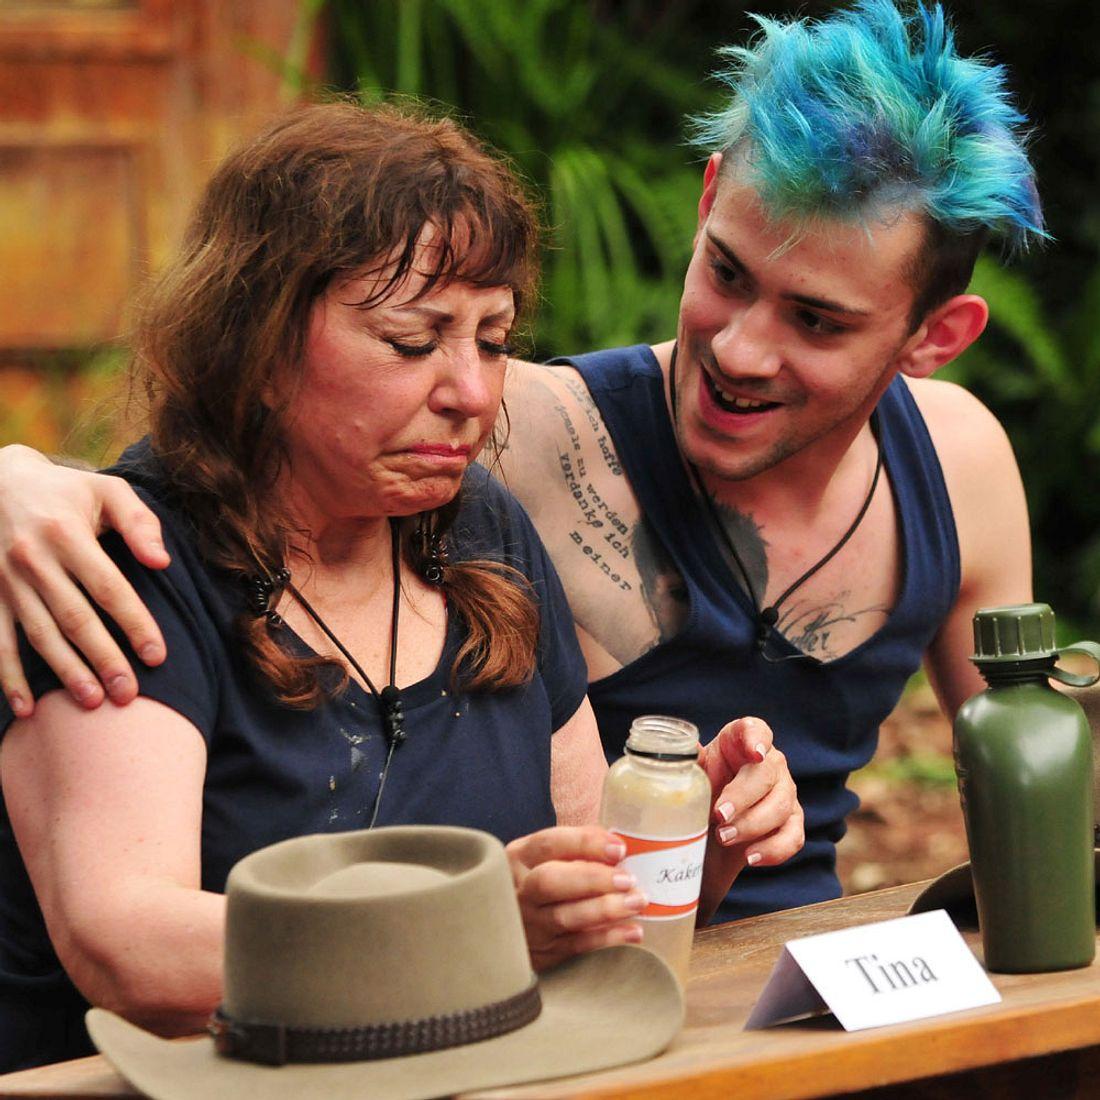 Dschungelcamp 2018 - Tina York: Große Sorge um ihre Gesundheit!